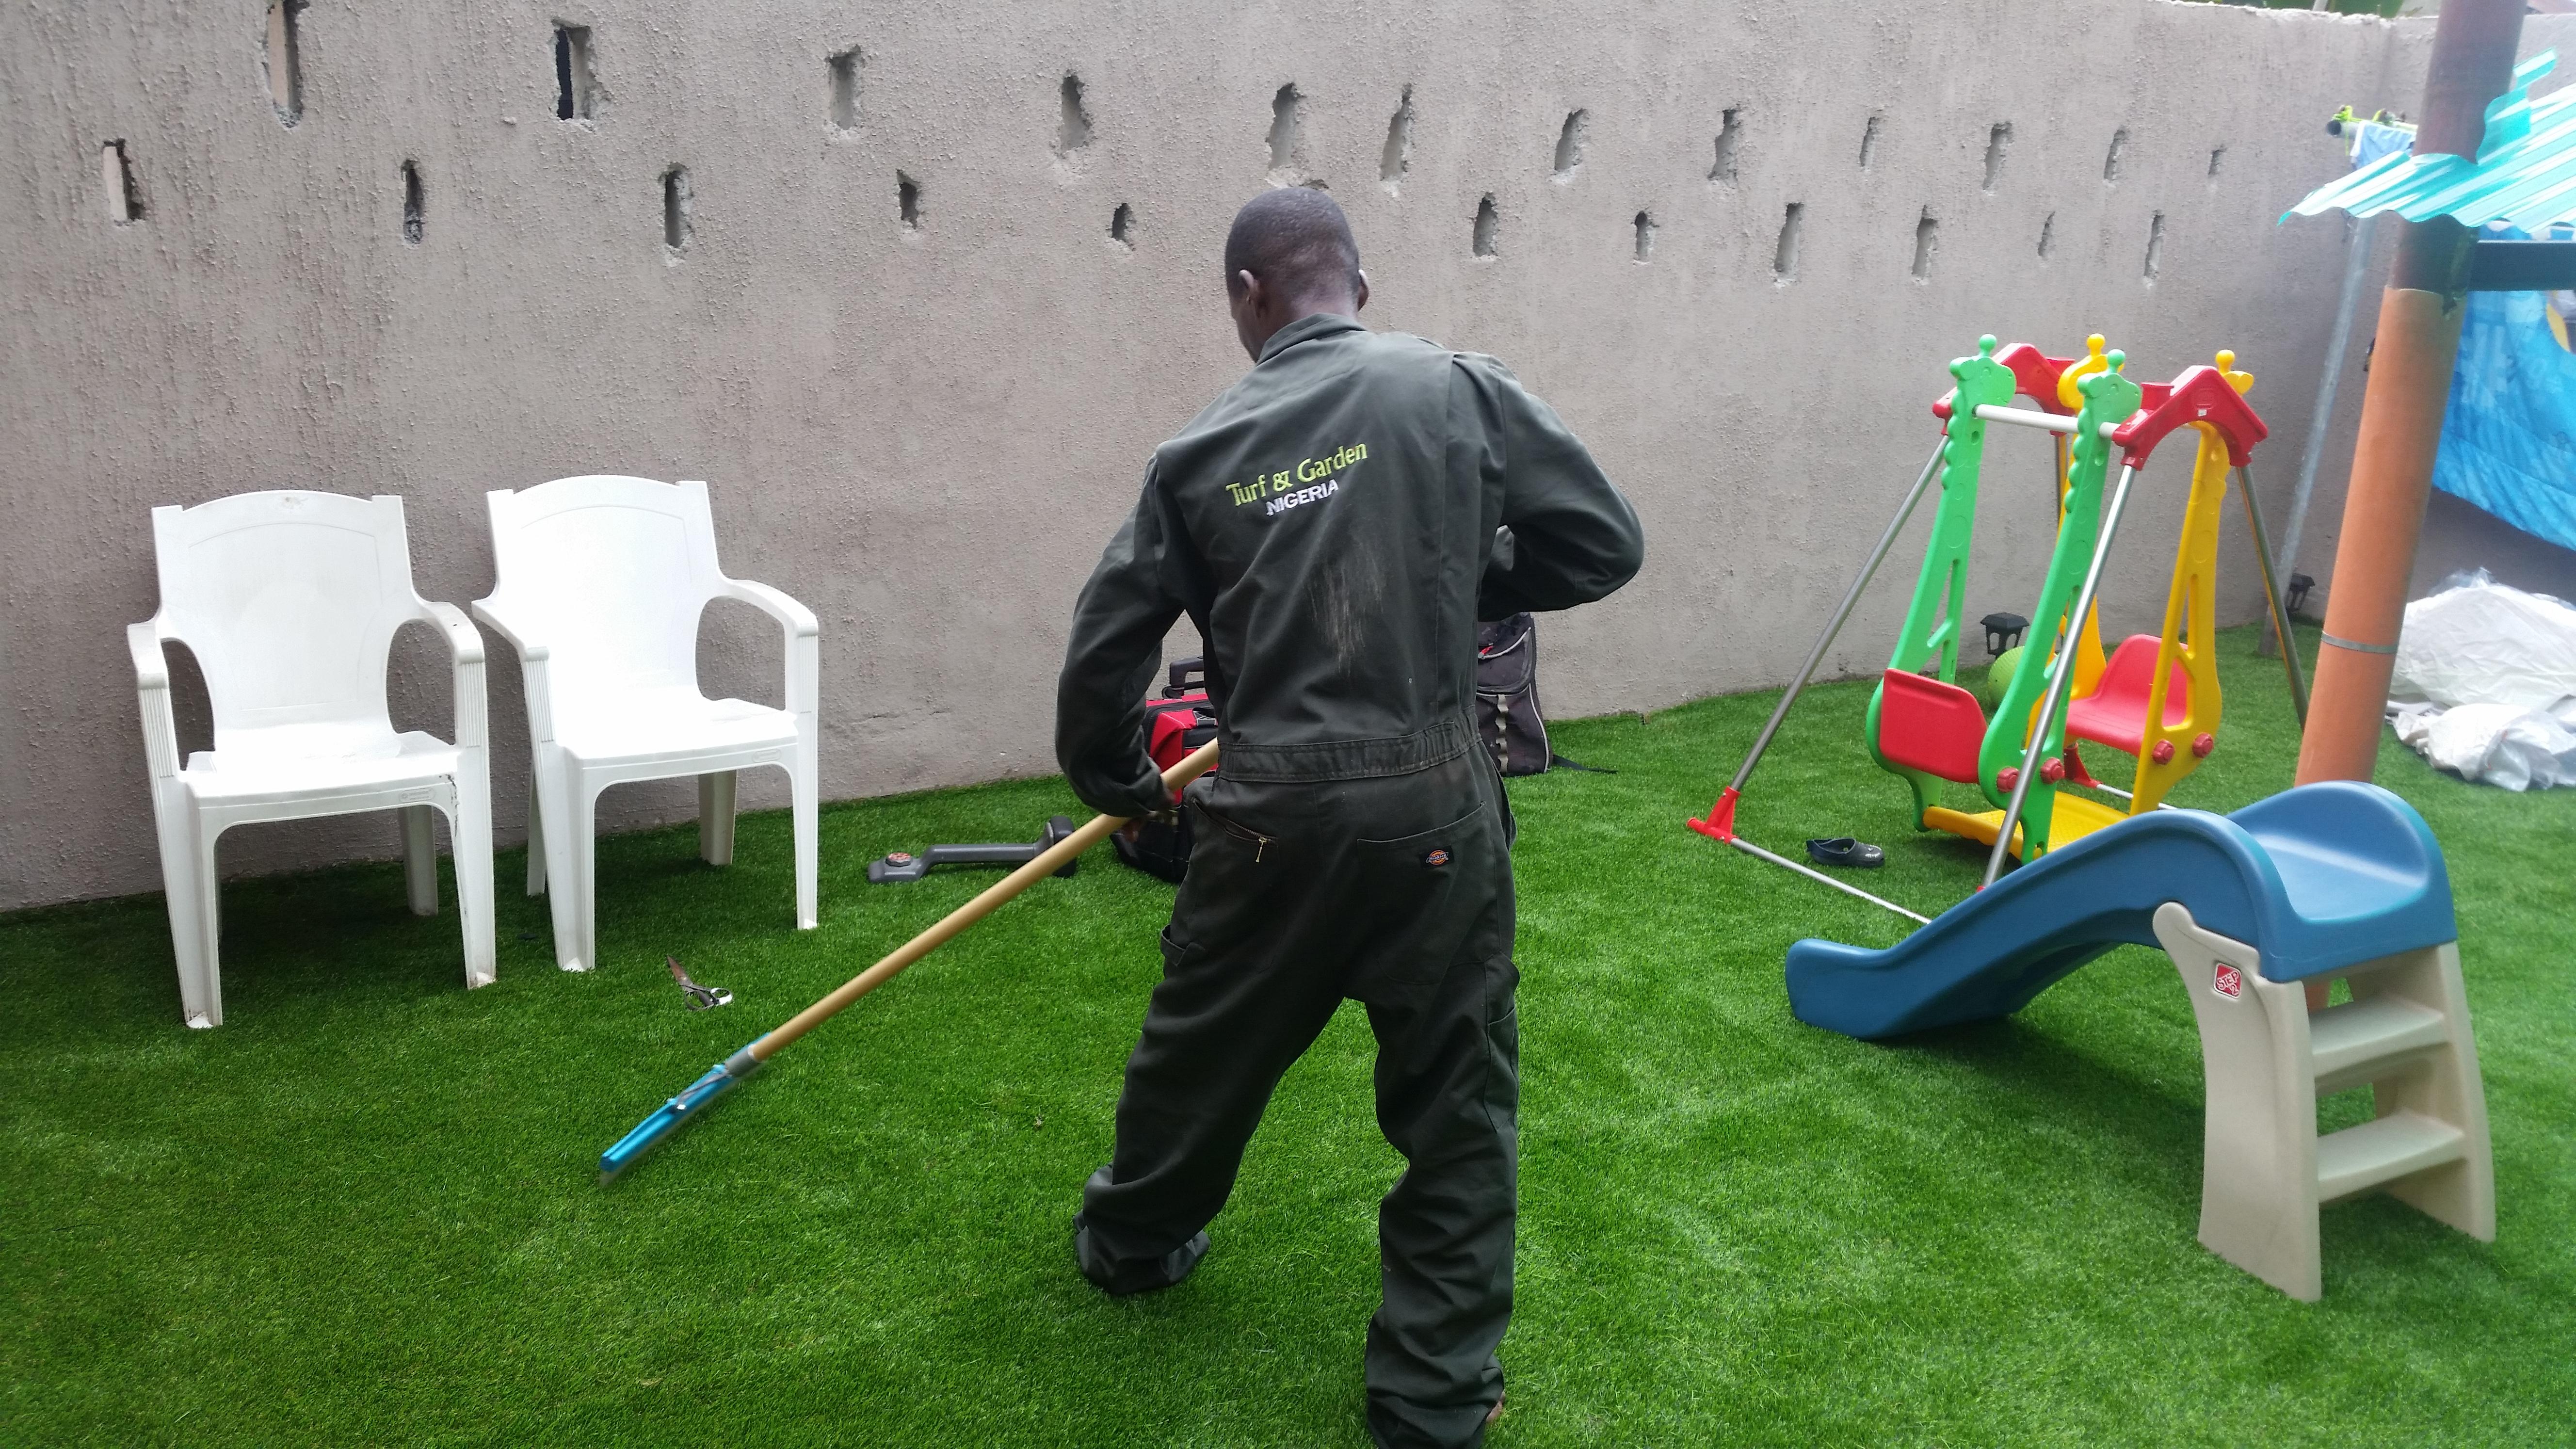 Residential kids playground, Elimgbu, PHC - Brushing in progress